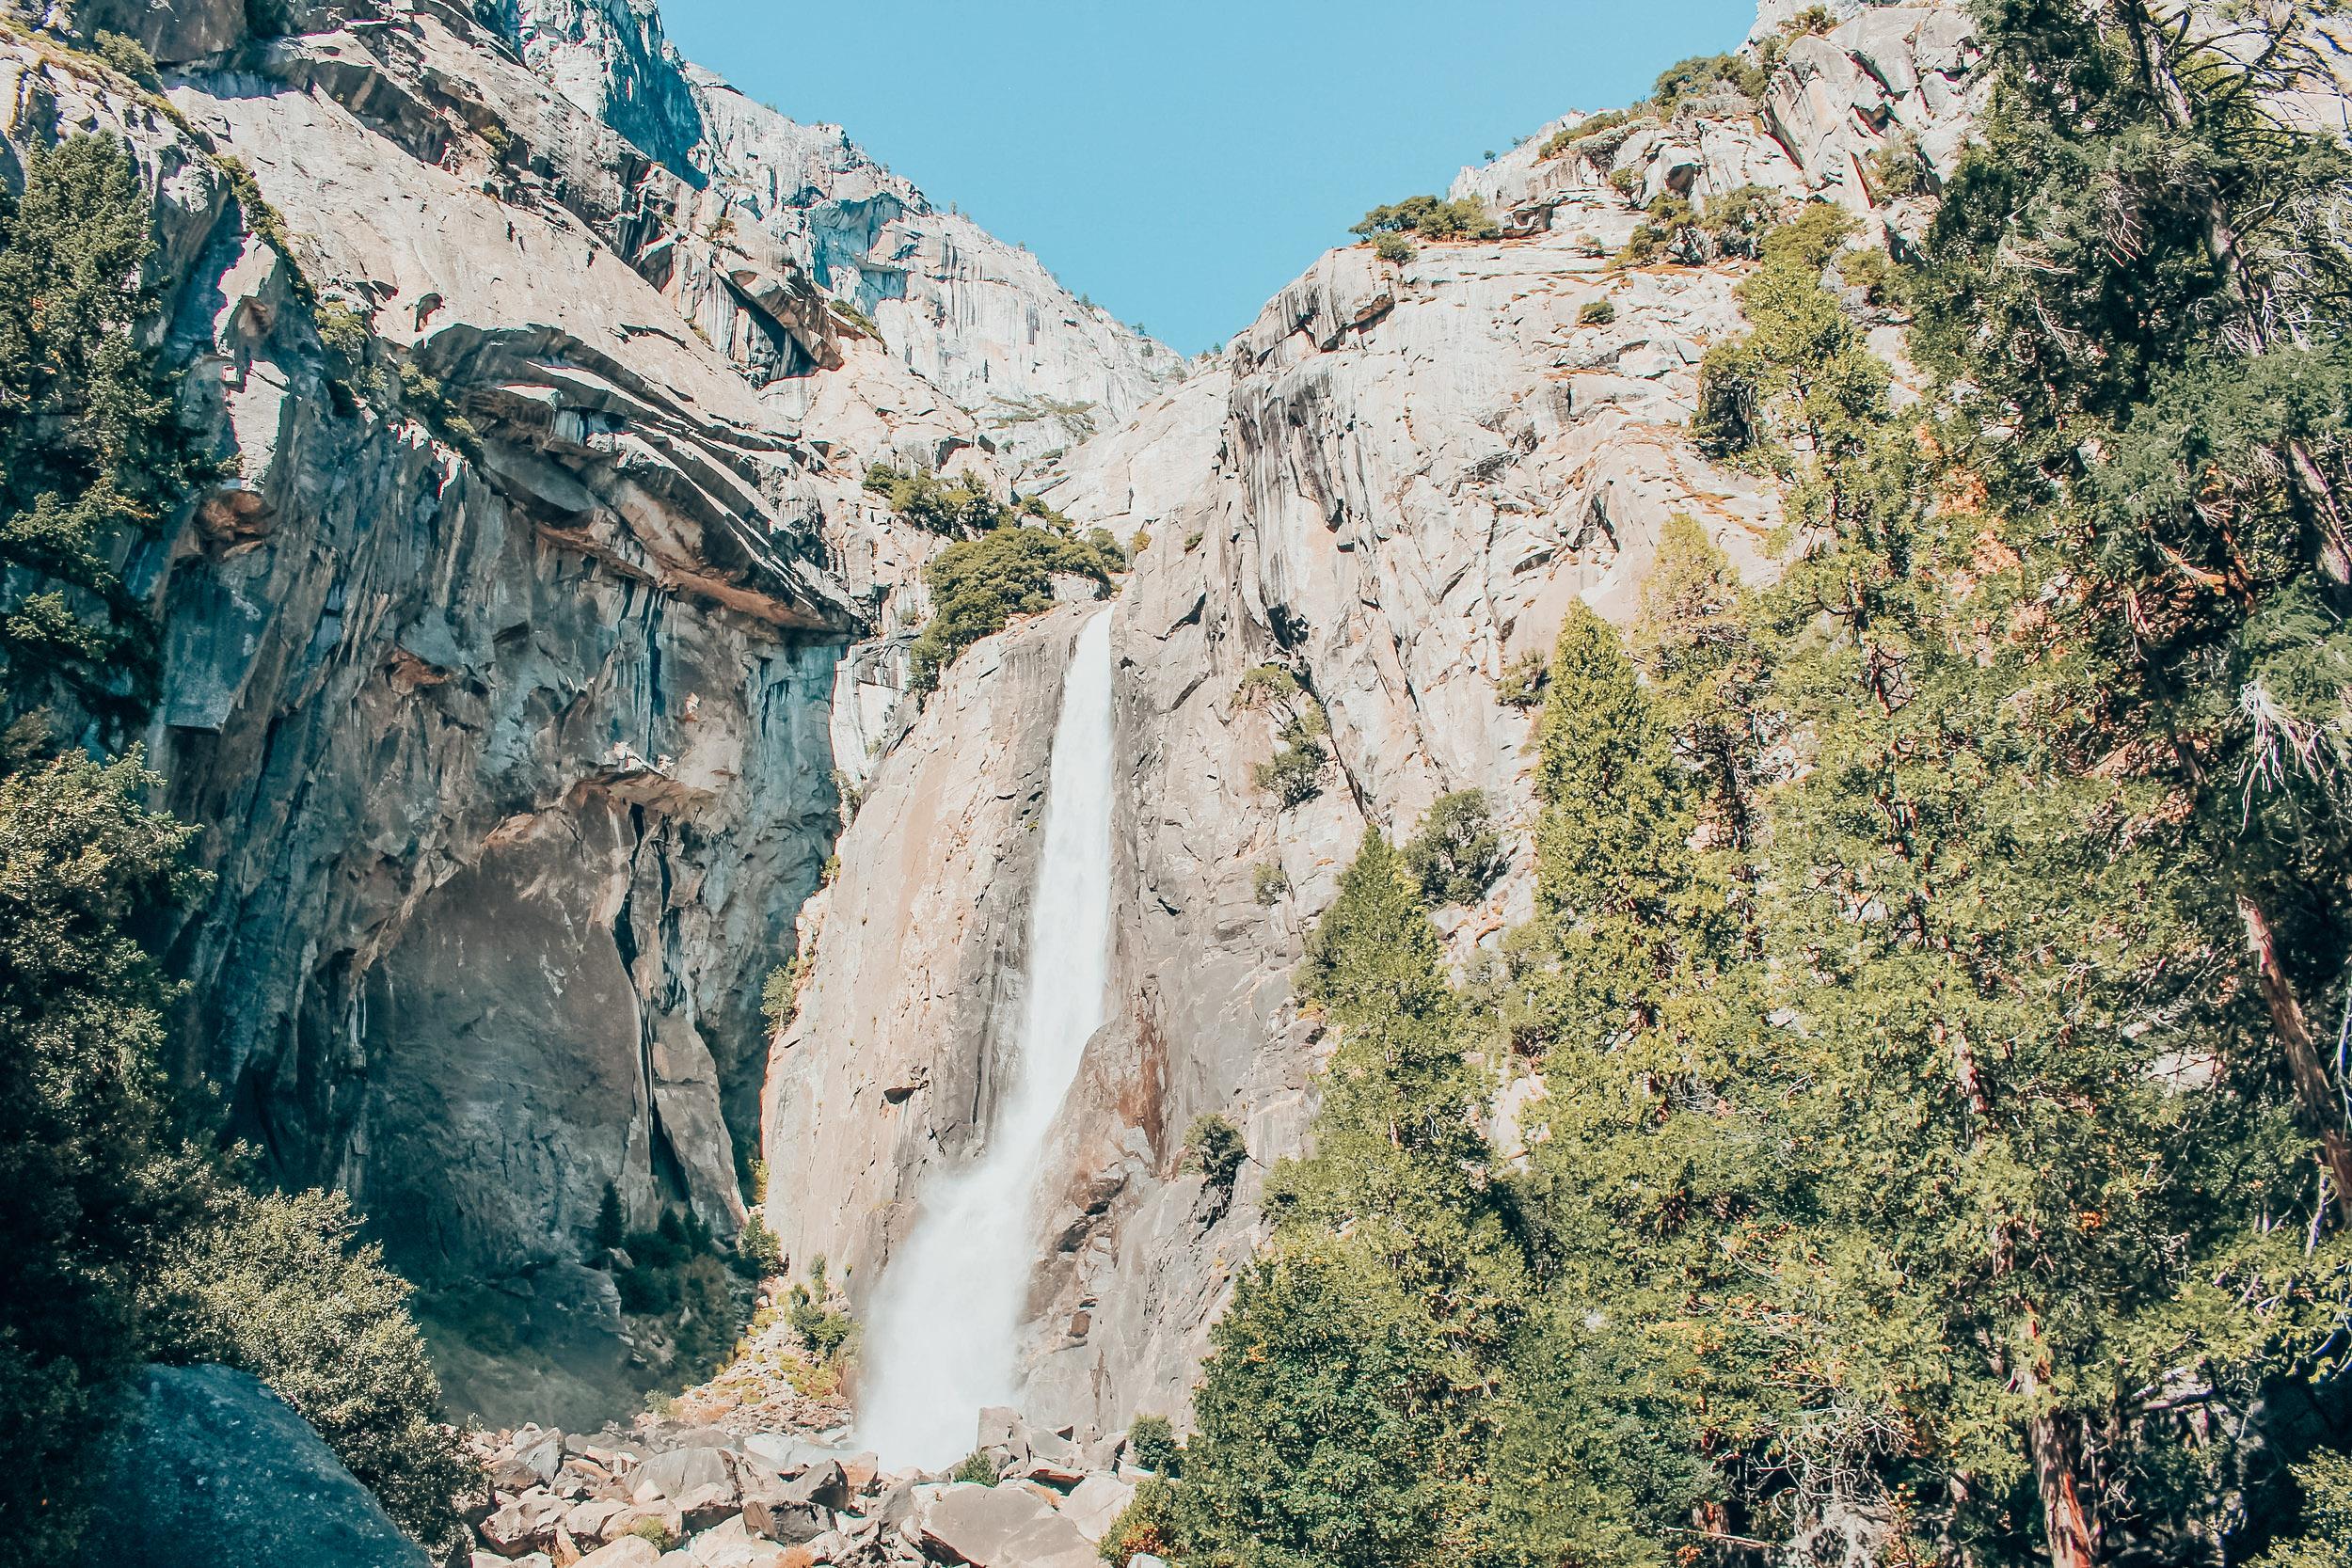 Yosemite Falls in autumn at Yosemite National Park